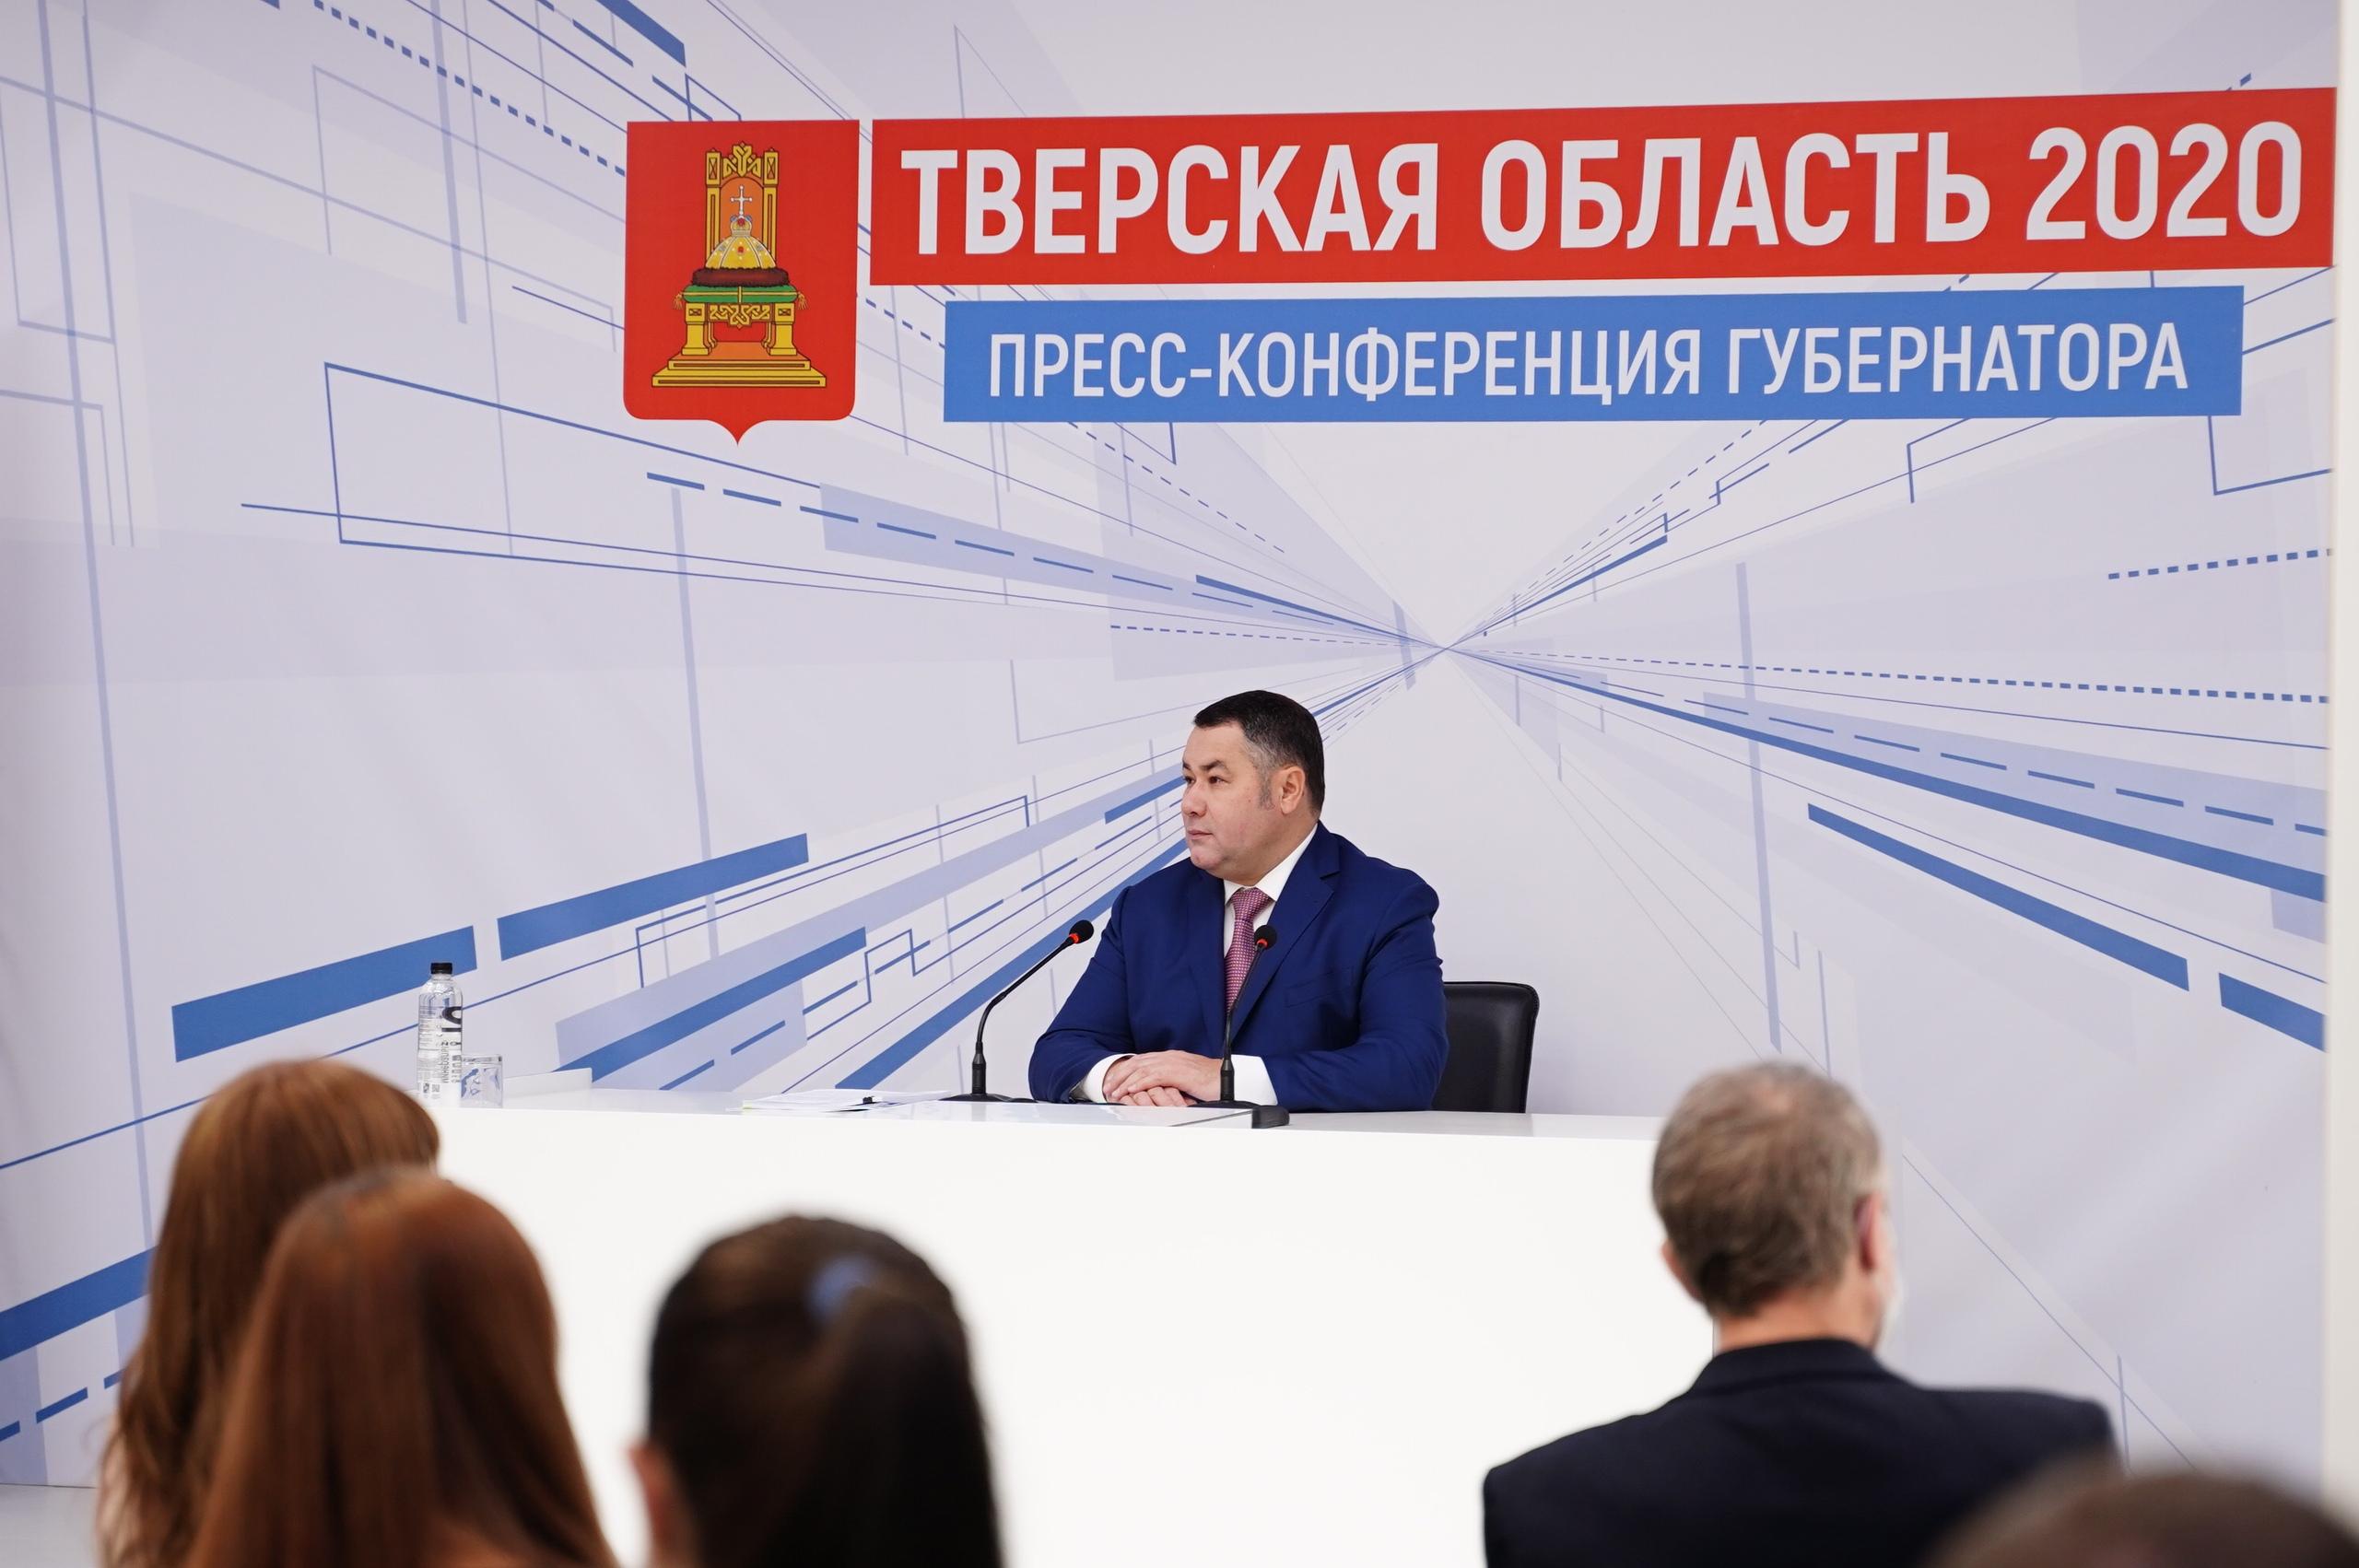 Игорь Руденя рассказал о втором губернаторском сроке и выполнении запланированных проектов